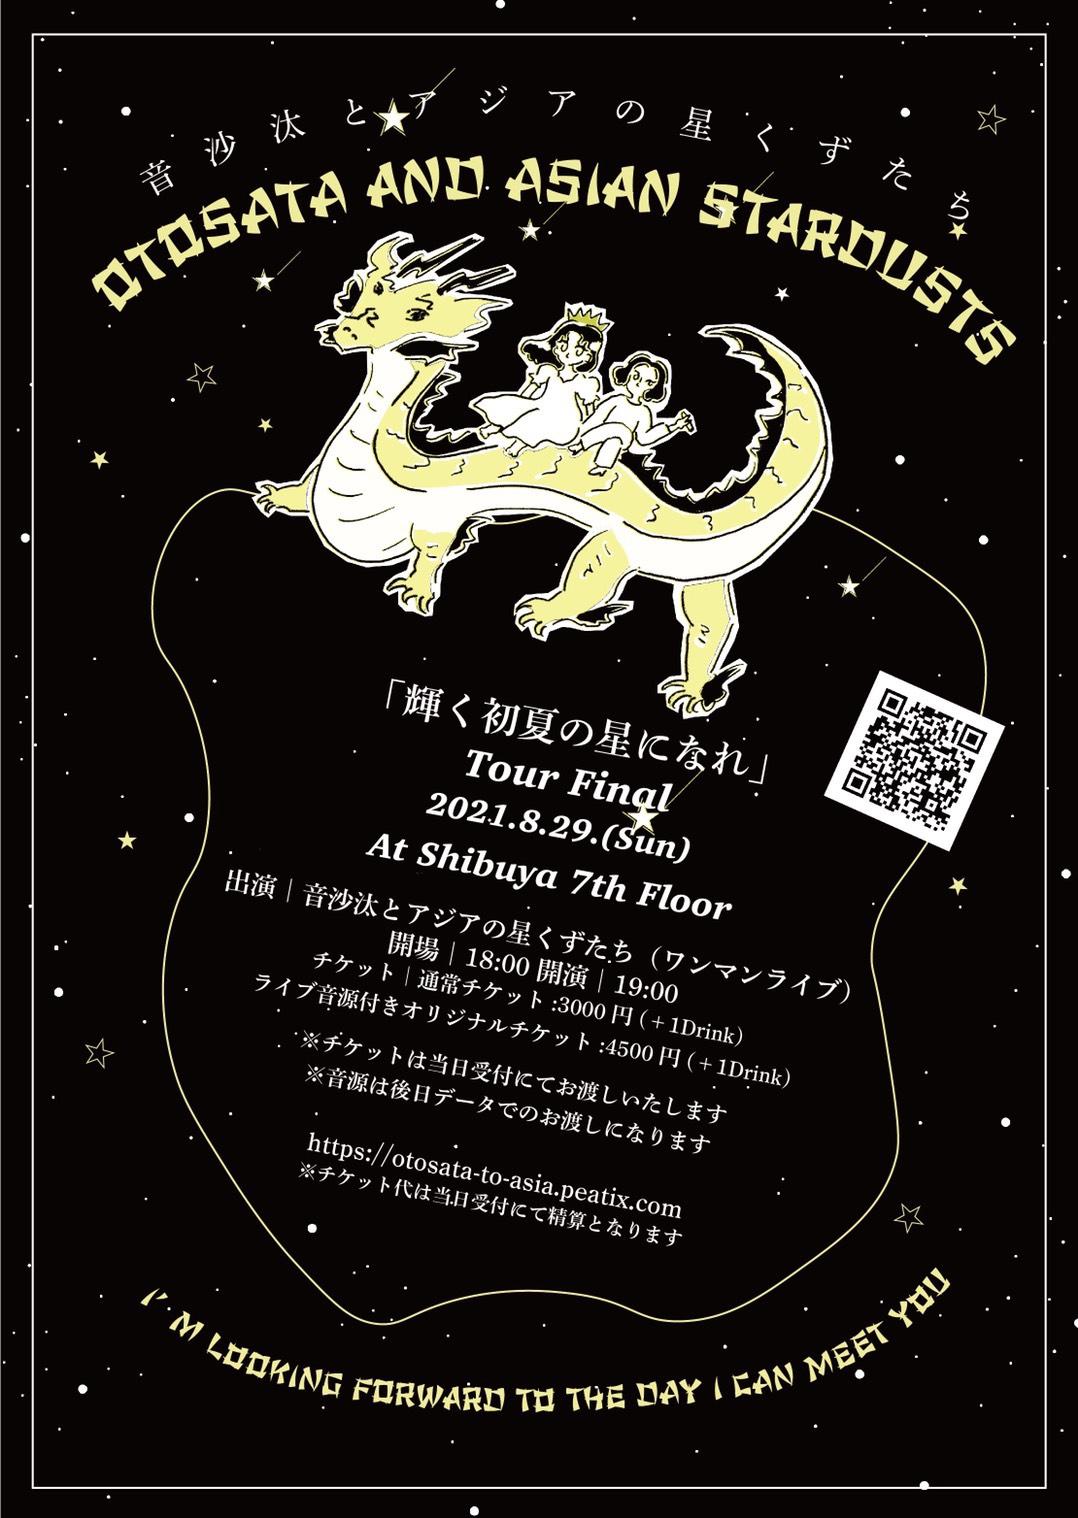 【公演中止】「輝く初夏の星になれ」Tour Final